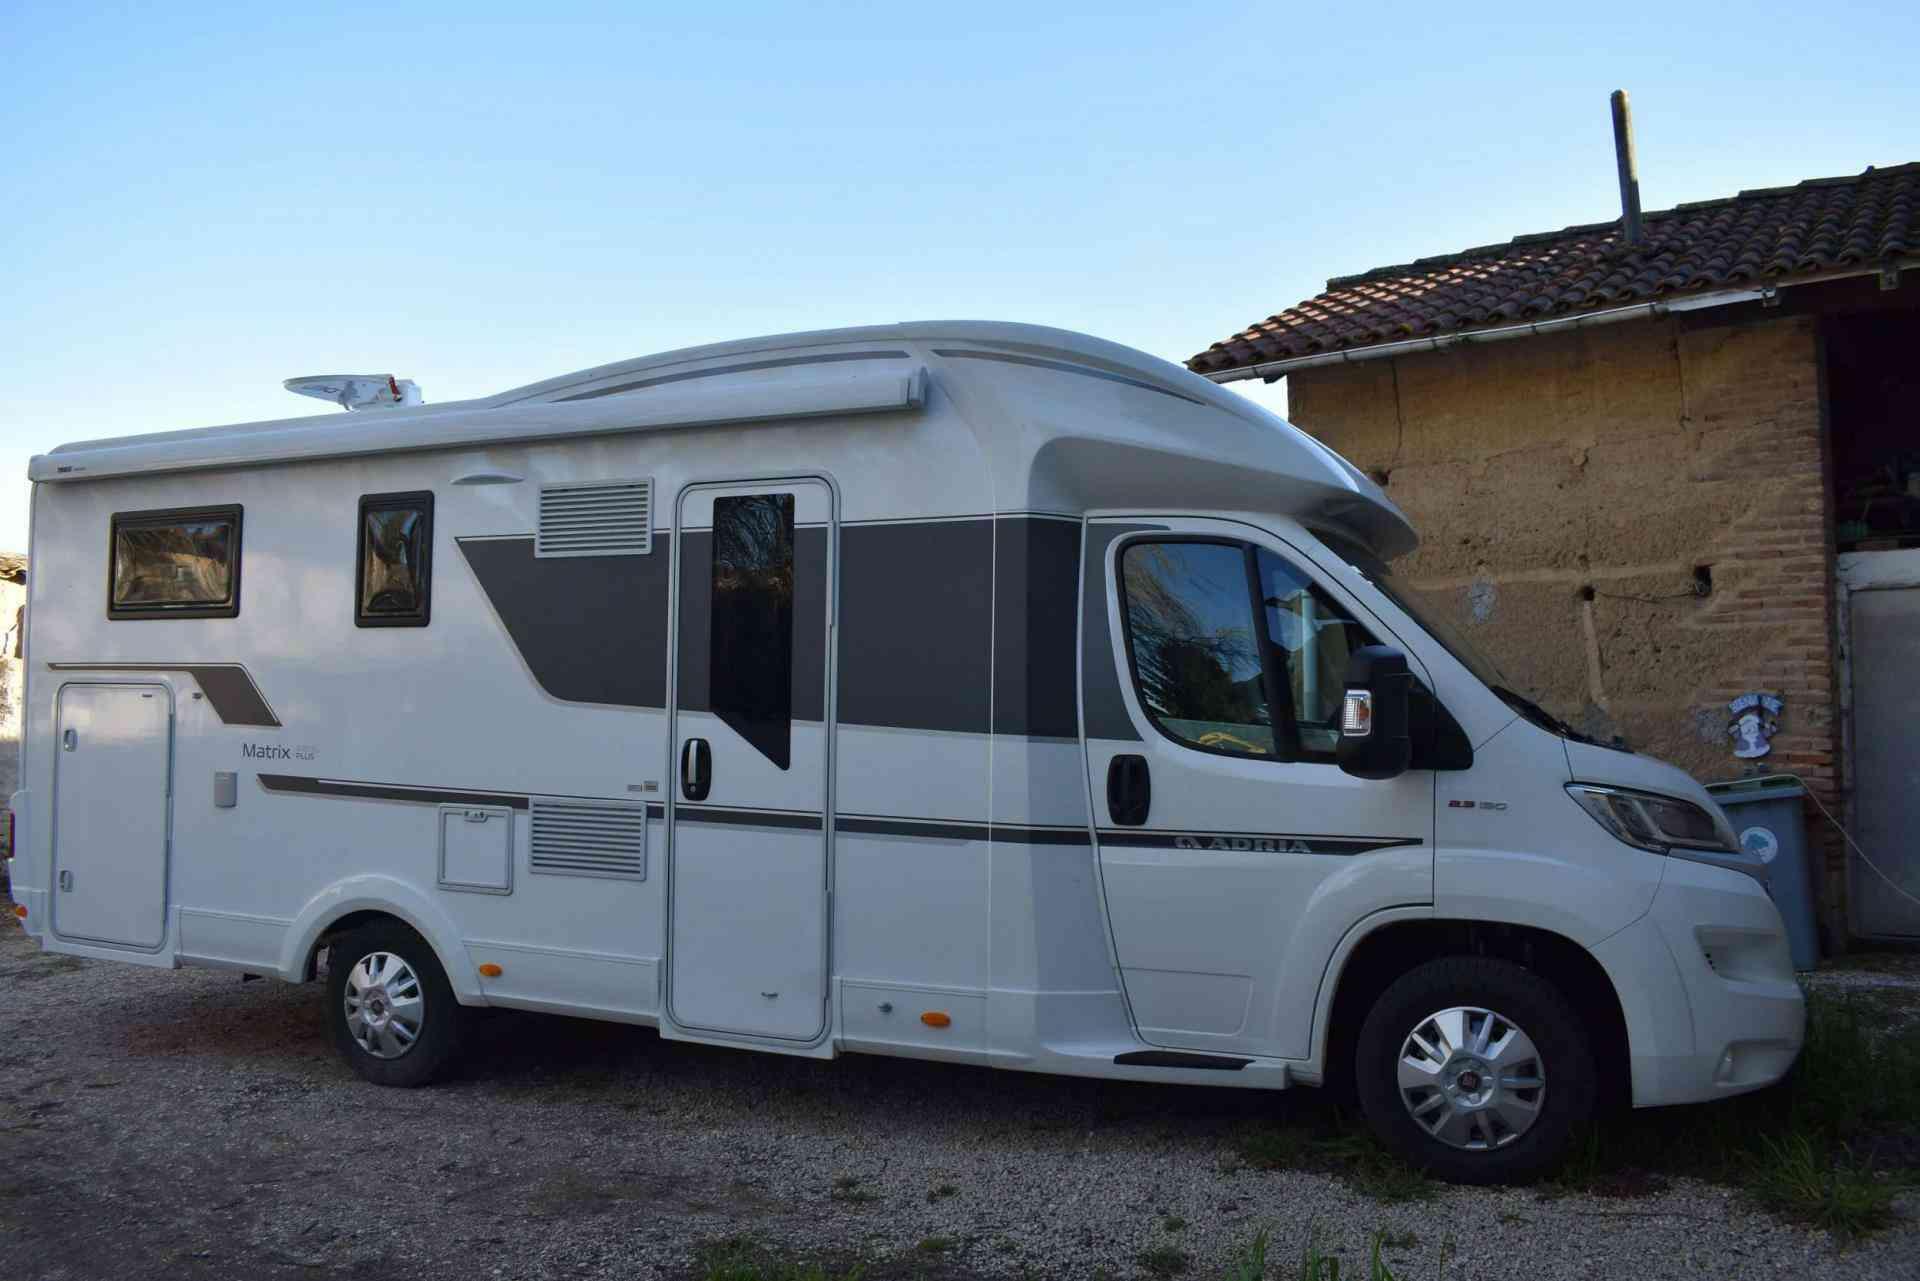 camping-car ADRIA MATRIX PLUS 670 SL